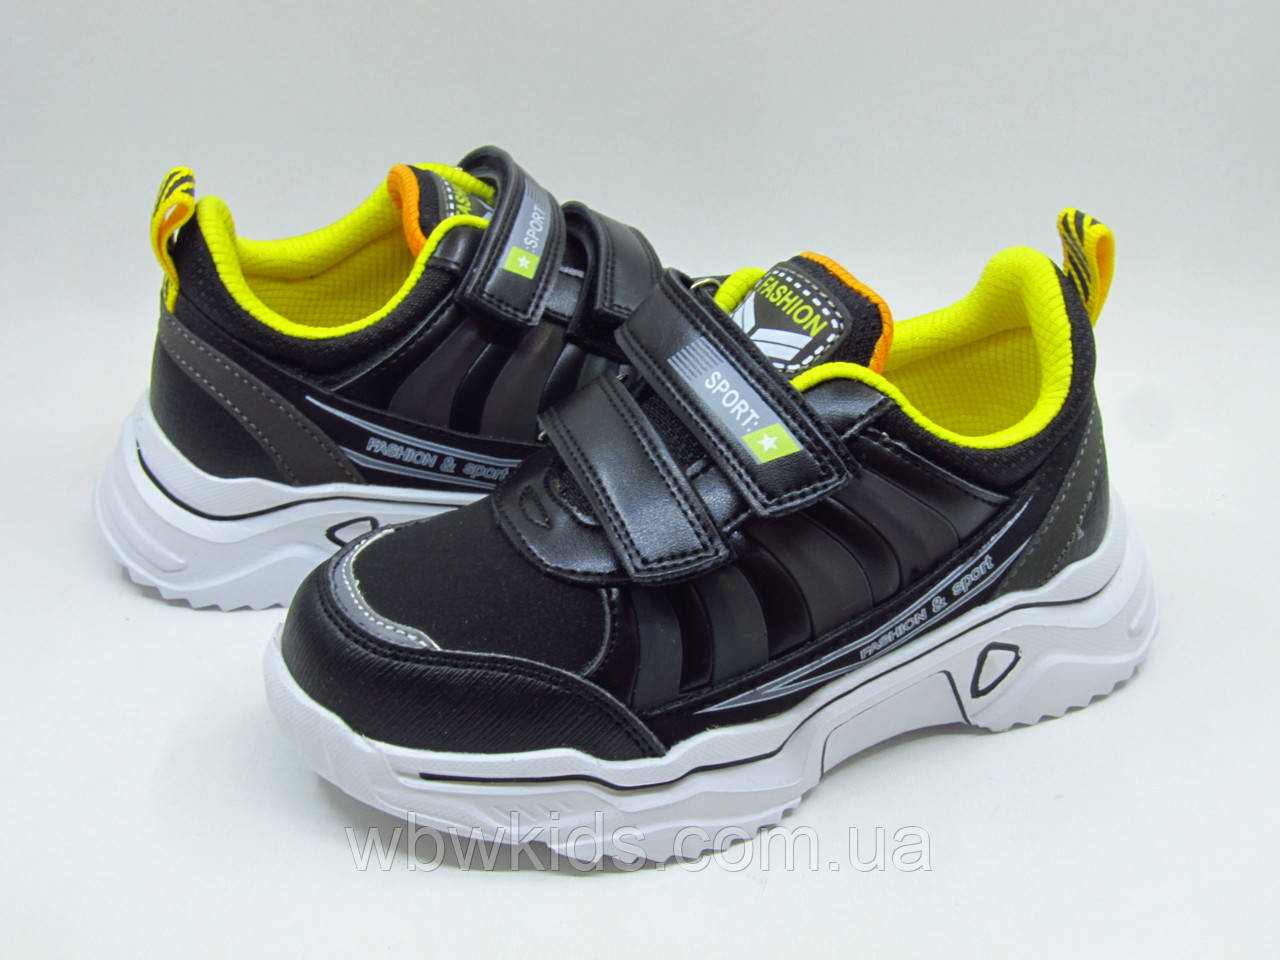 Кроссовки детские Weestep R810253587 для мальчика черные